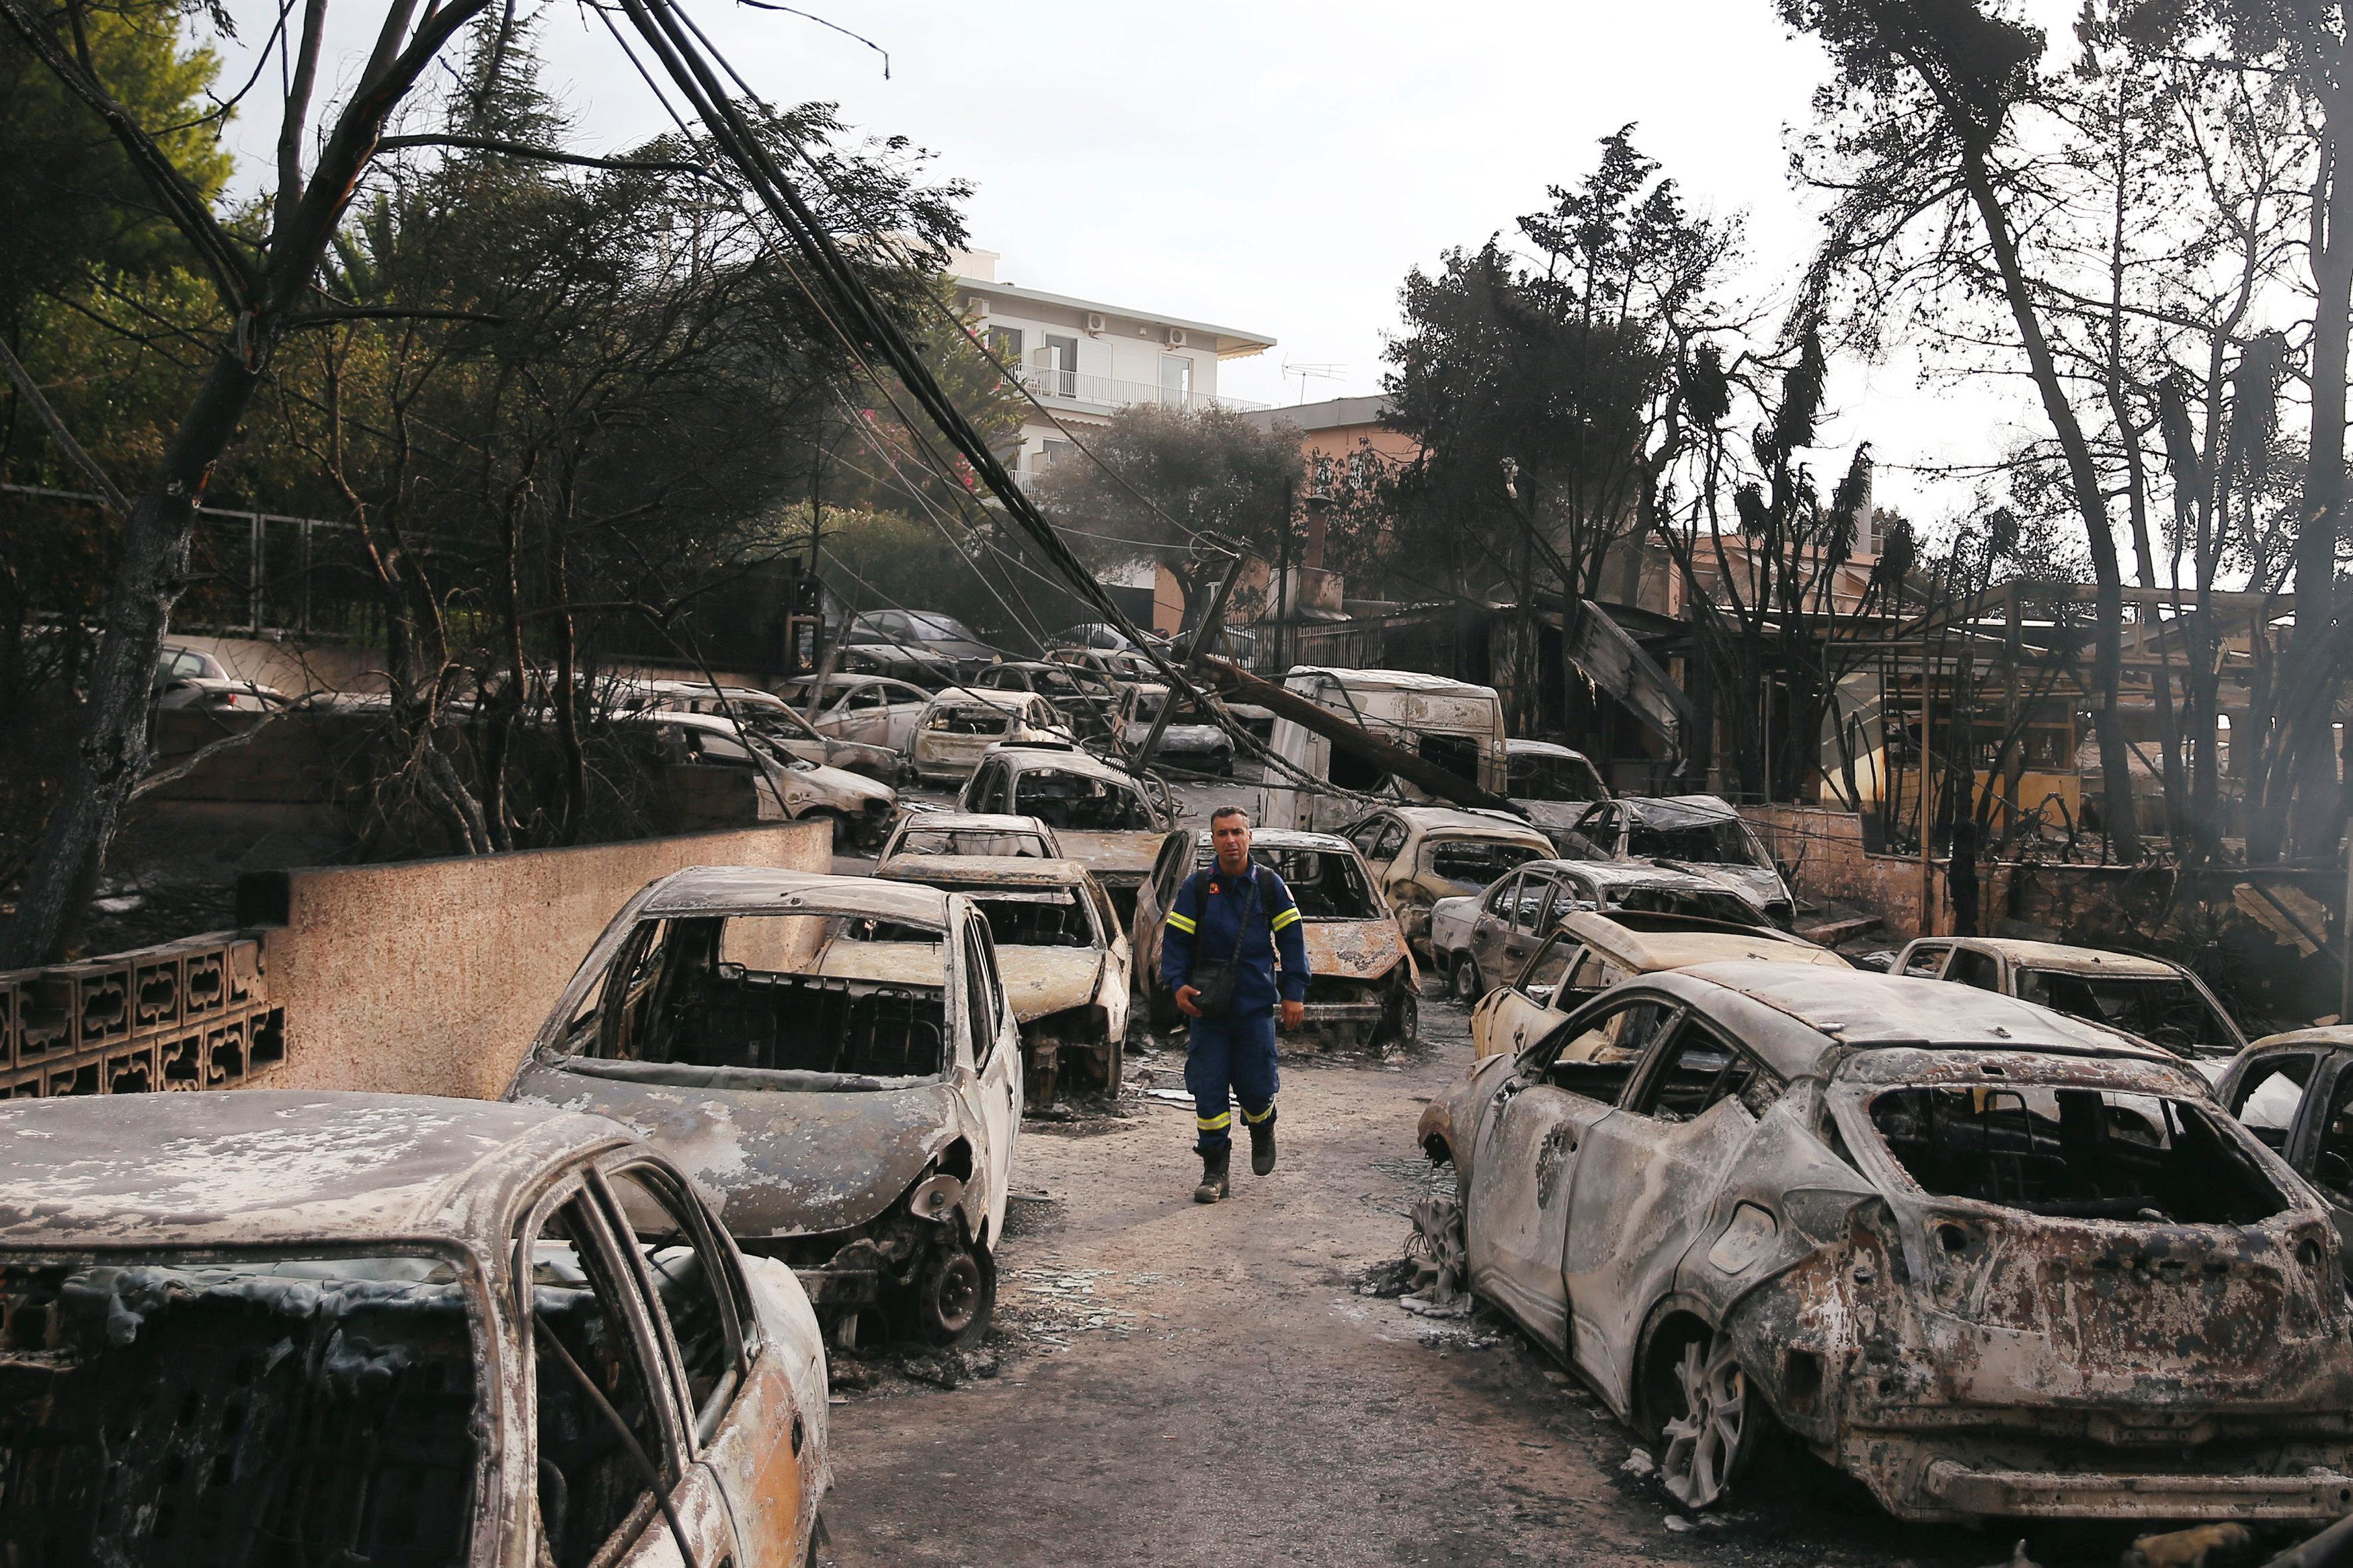 Η ελληνική πυροσβεστική υπηρεσία αναφέρει ότι ο αριθμός των νεκρών στις πυρκαγιές αυξάνεται σε 79